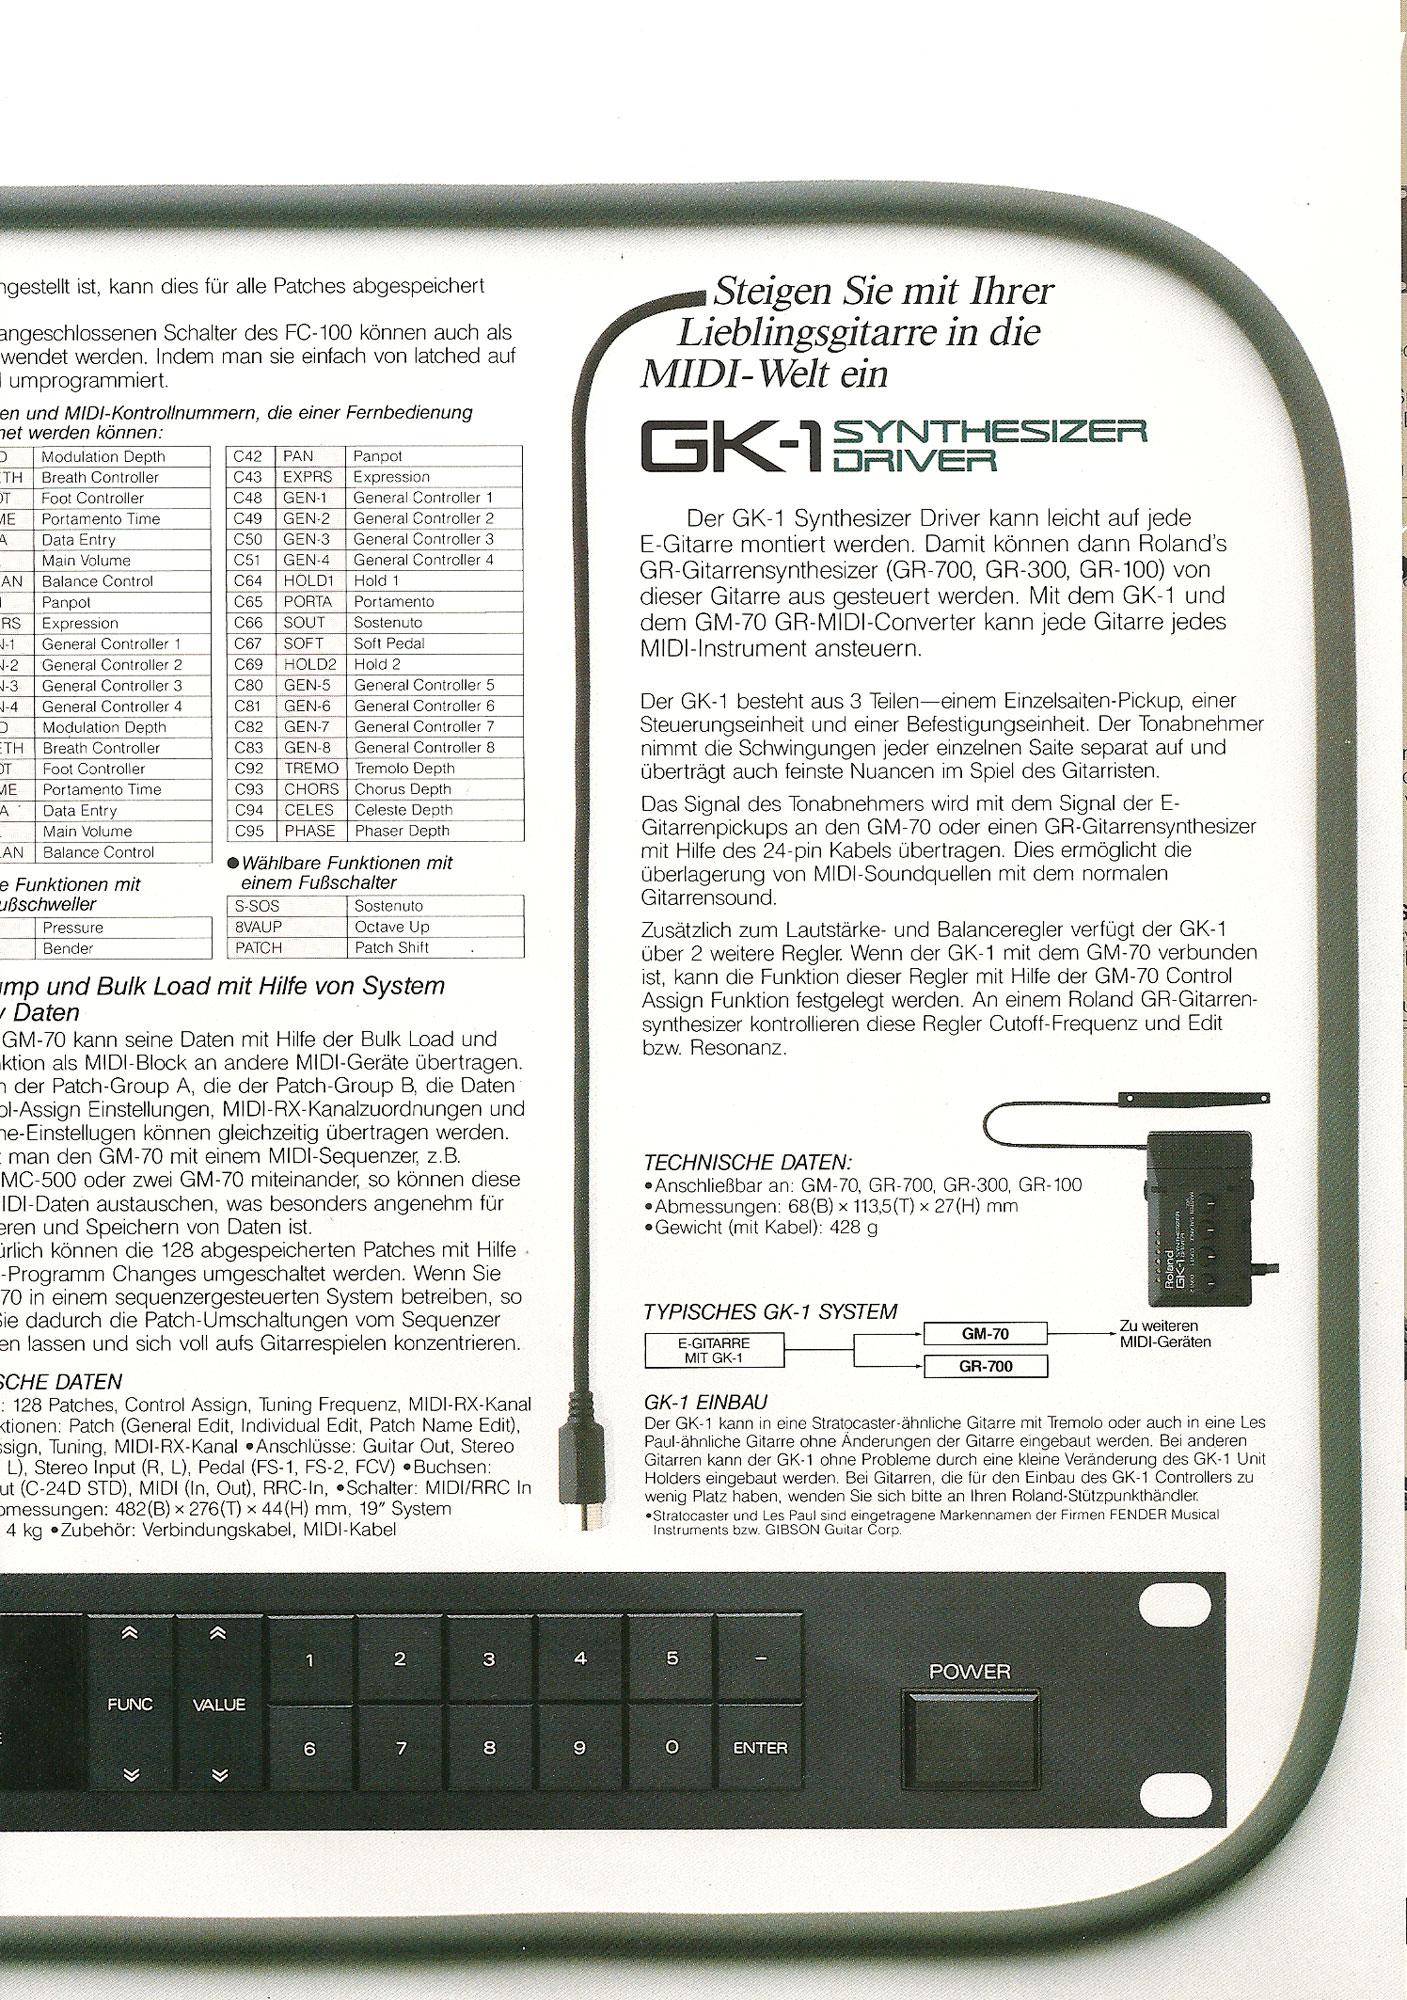 Roland GM 70 Brochure in German